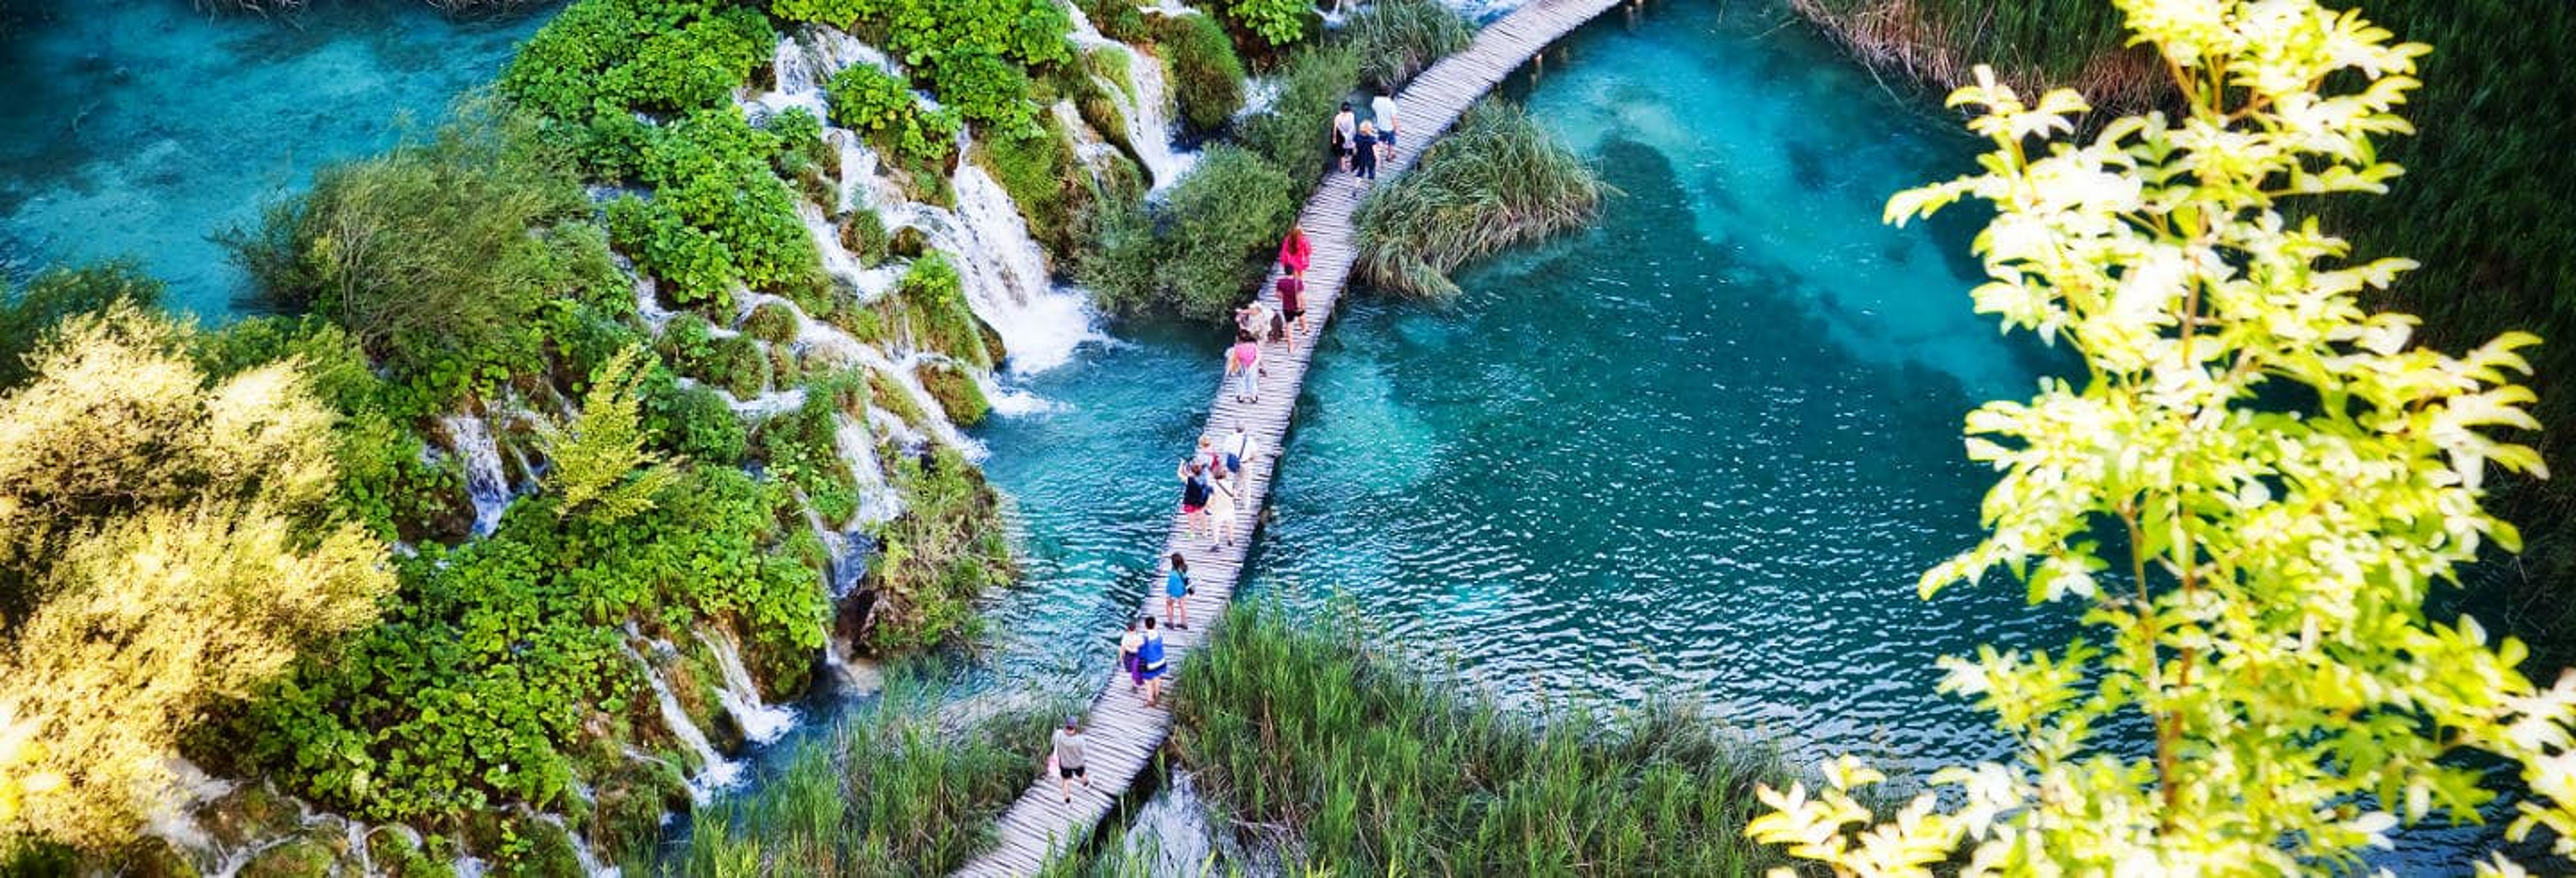 Excursion aux lacs de Plitvice